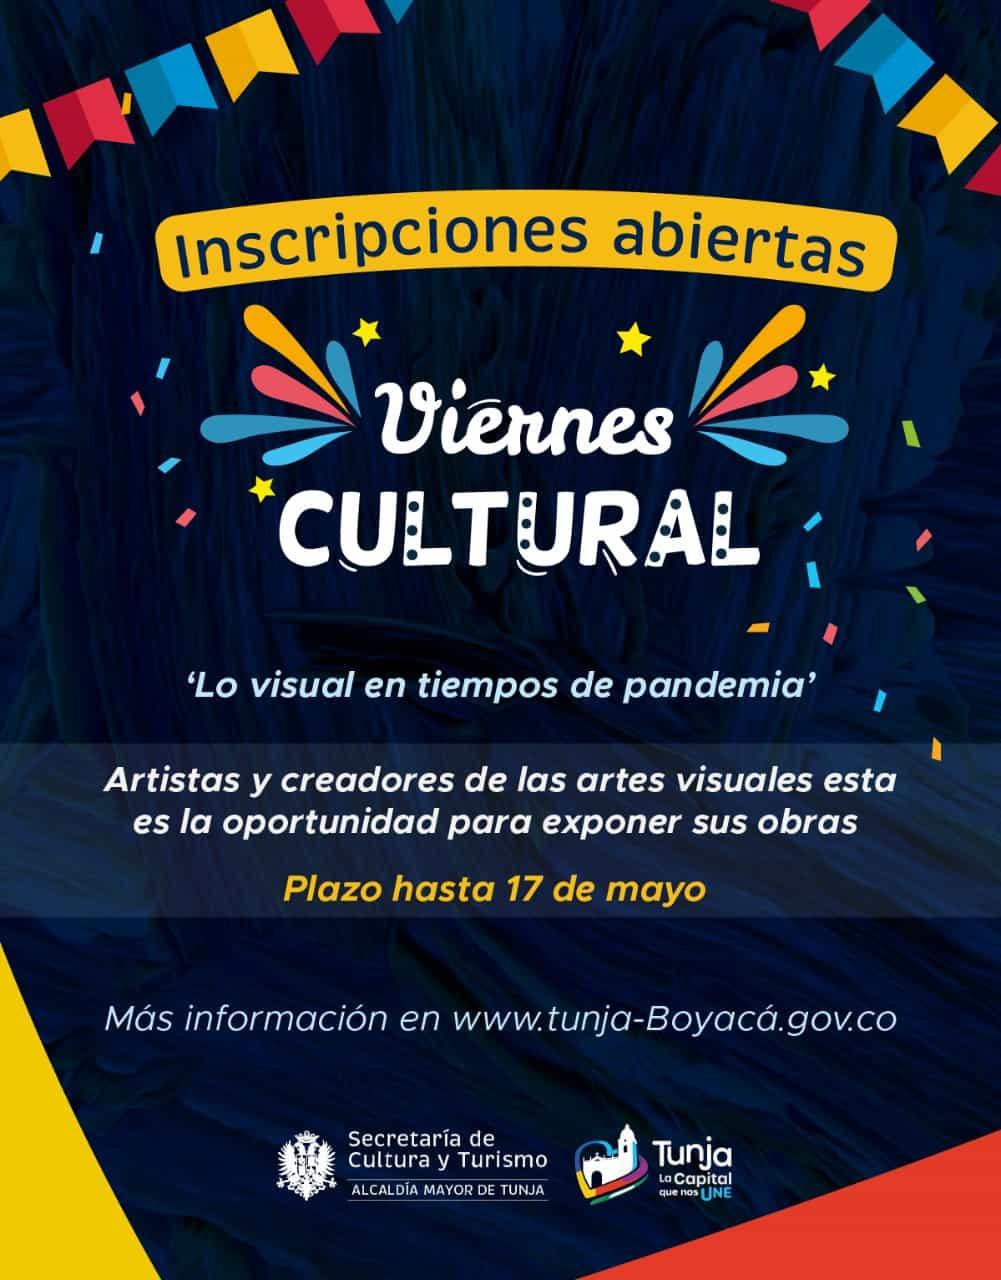 La secretaría de cultura y turismo de Tunja abre inscripciones para artistas de las artes visuales 2